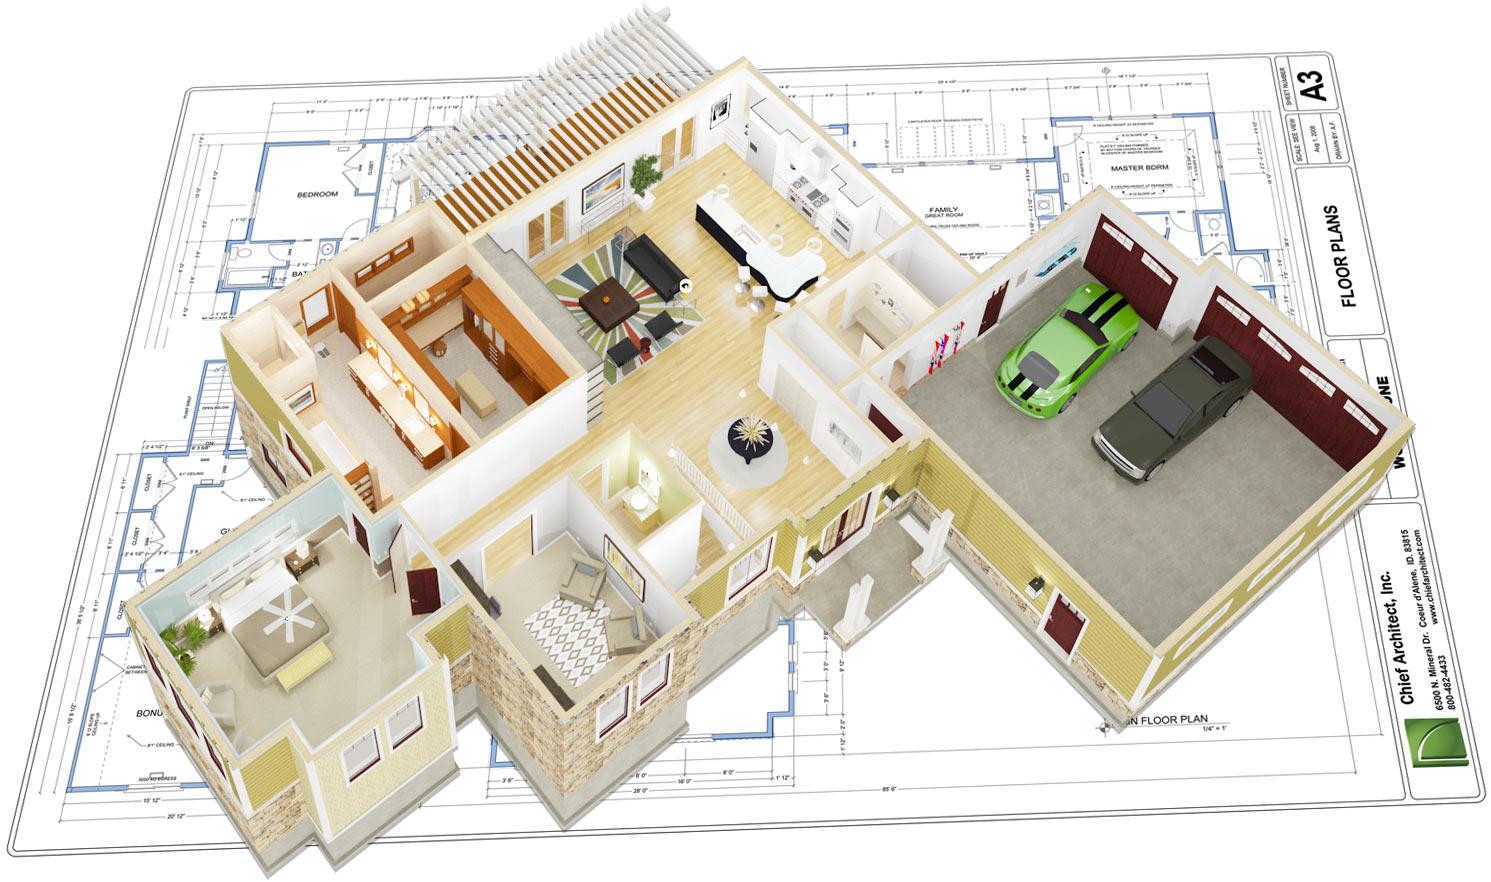 Architektur Zeichenprogramm Kostenlos | Cad Programme Fur Architektur 10 Besten Cad Software